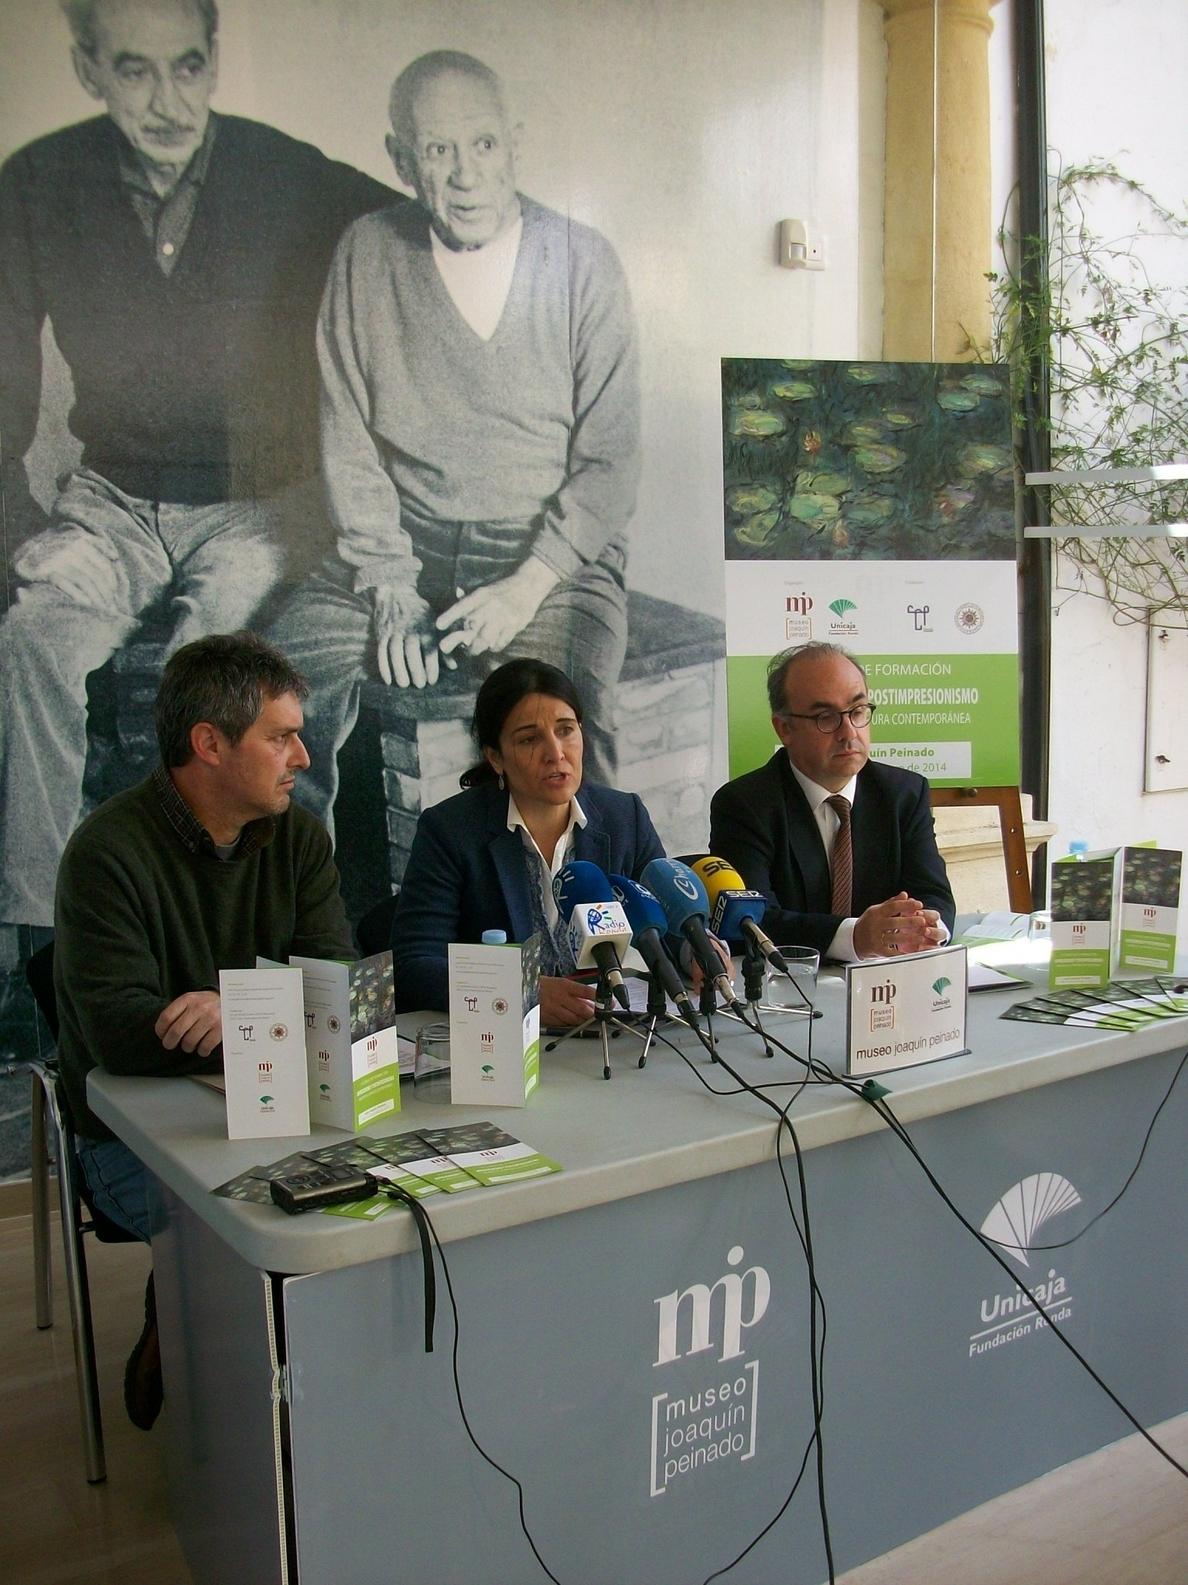 Unicaja organiza en Ronda un curso gratuito de formación sobre impresionismo y pintura contemporánea